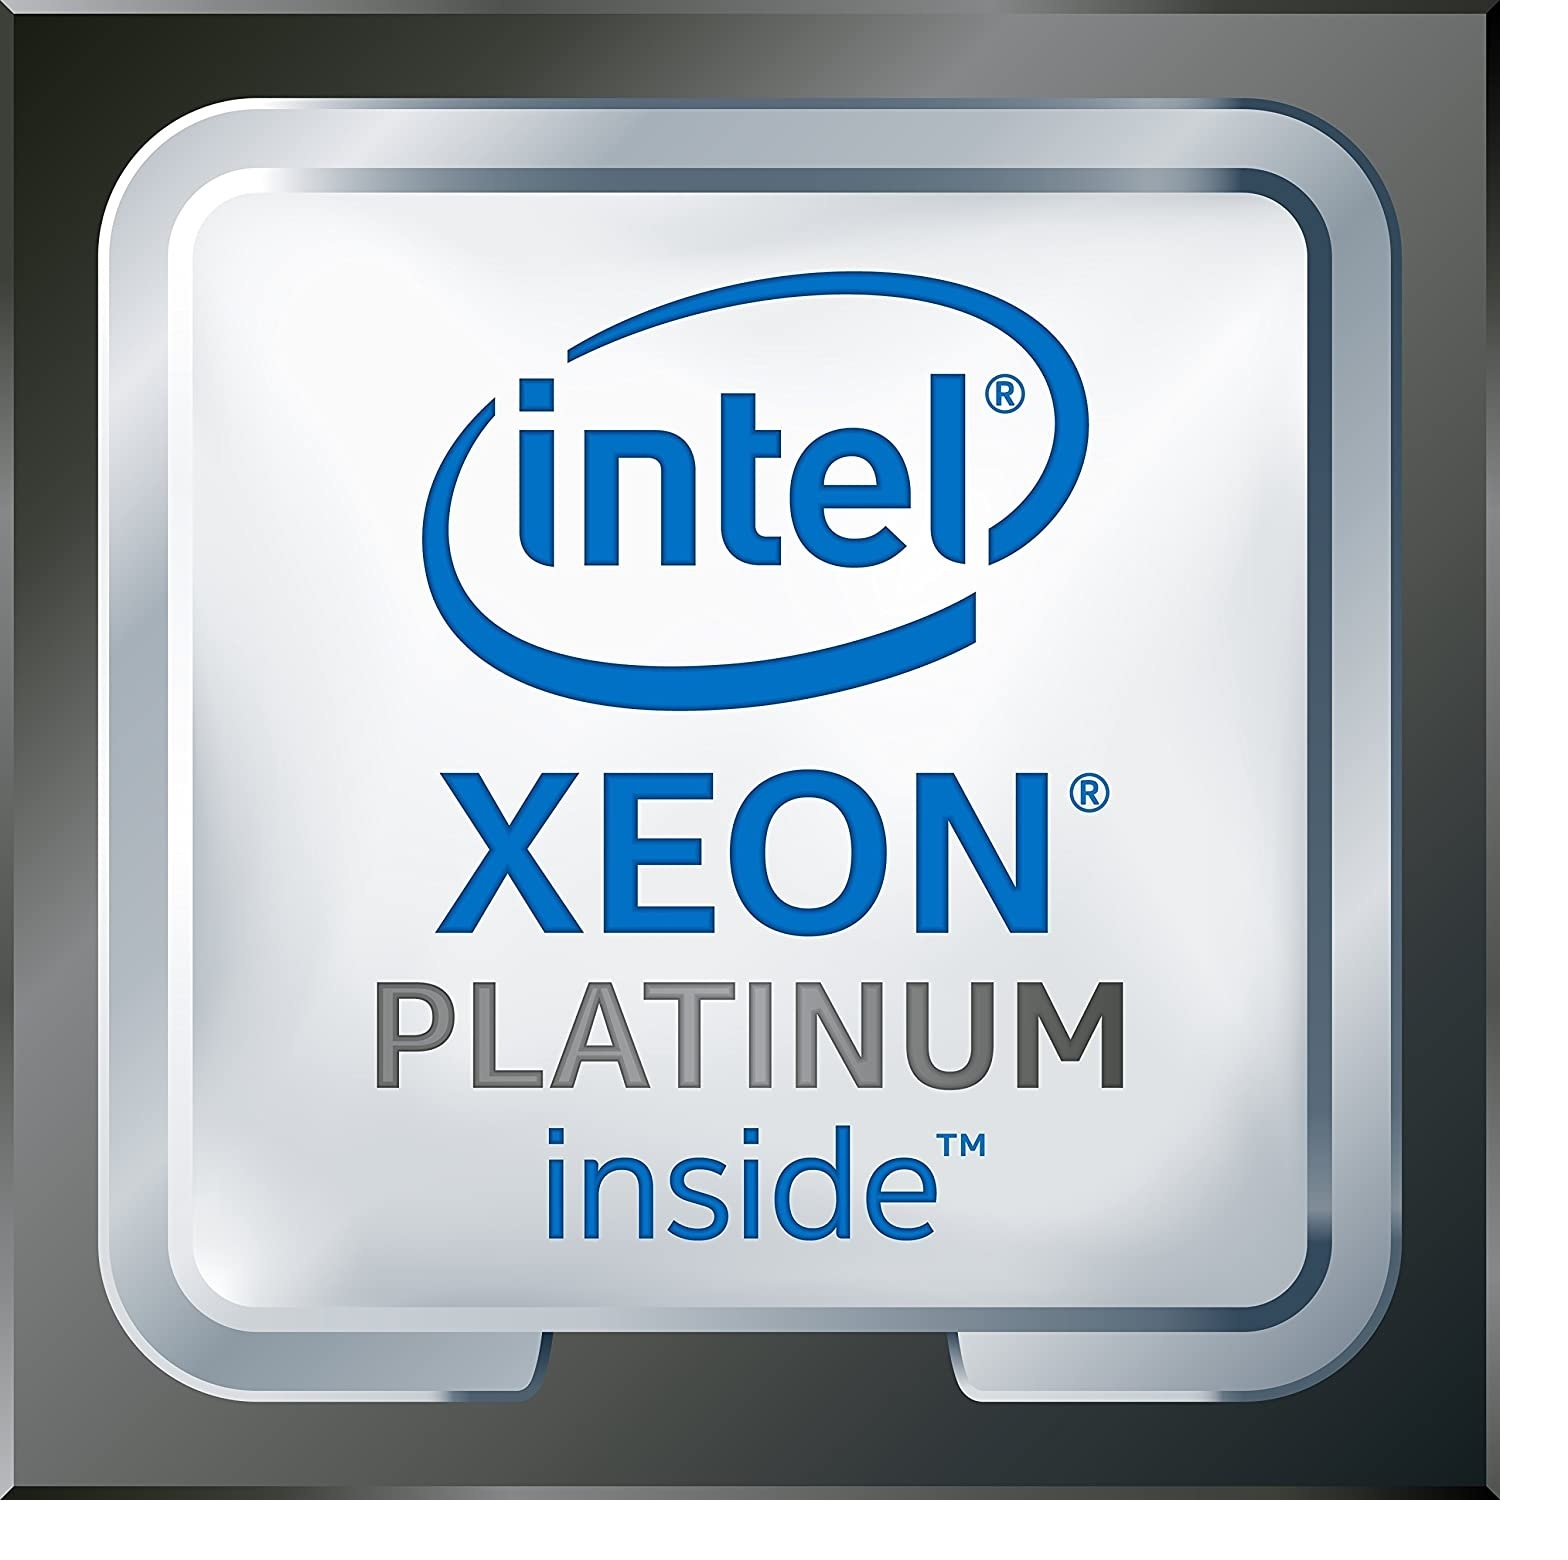 Intel Xeon Platinum 8352Y 2.20GHz Processor